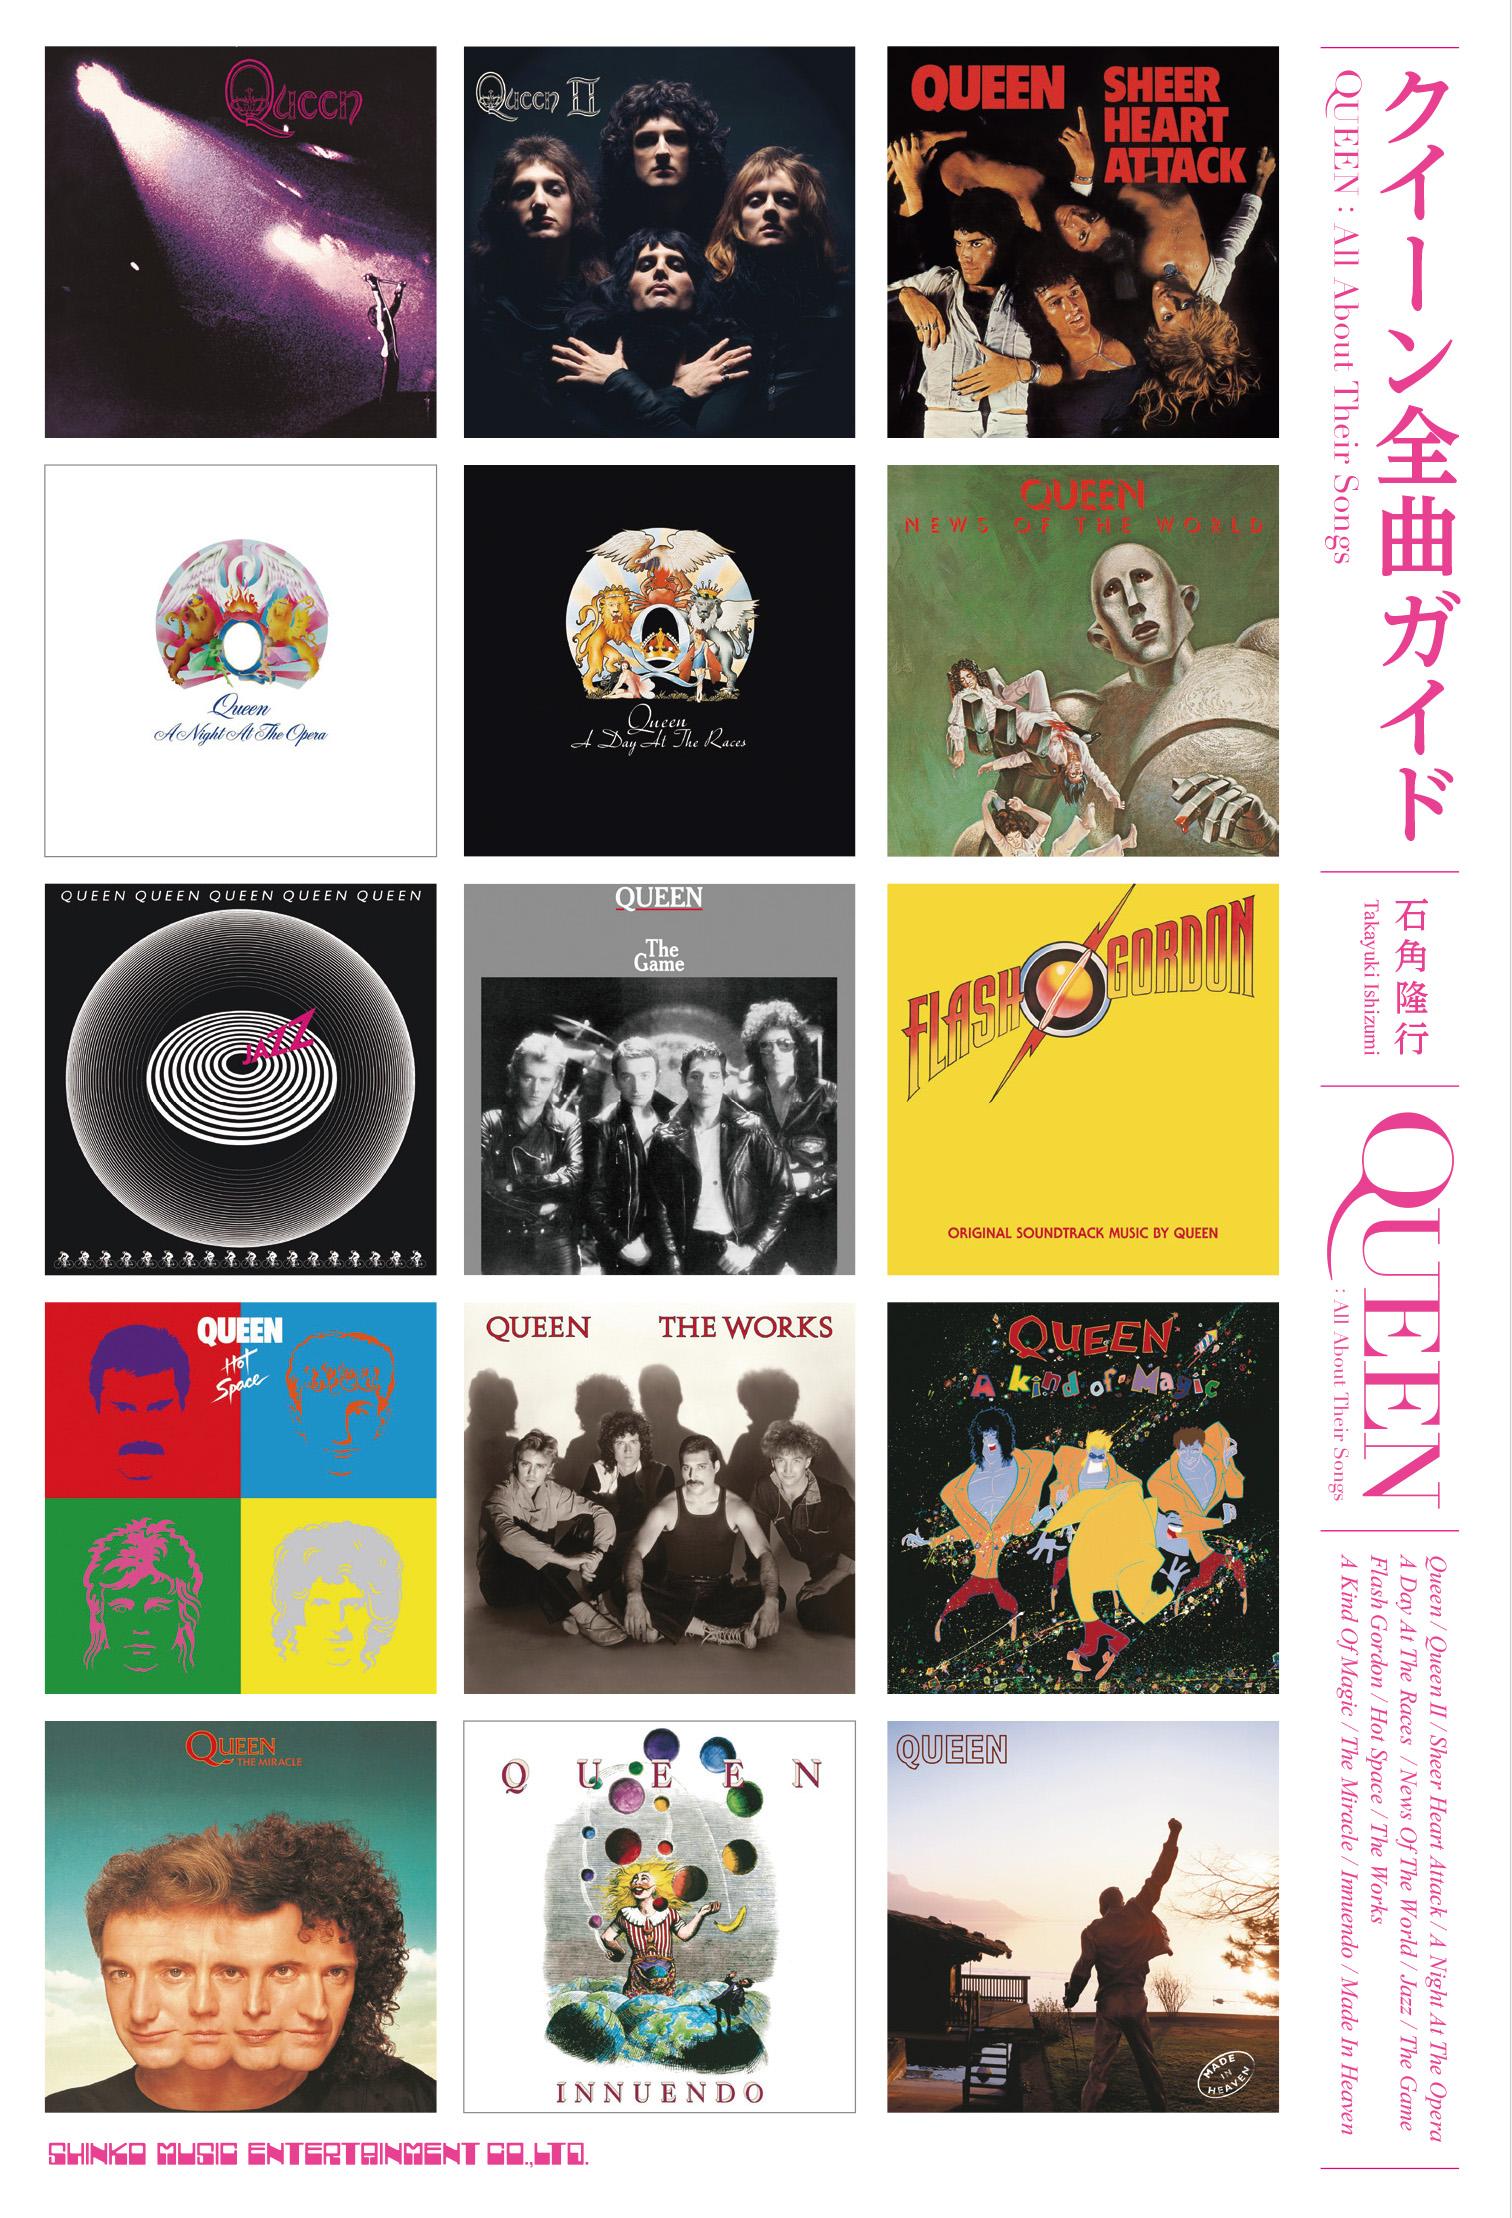 クイーン公式録音全192曲+ライヴカヴァー9曲を解説!  クイーン全史も把握出来る渾身のコンプリート・ガイドブック